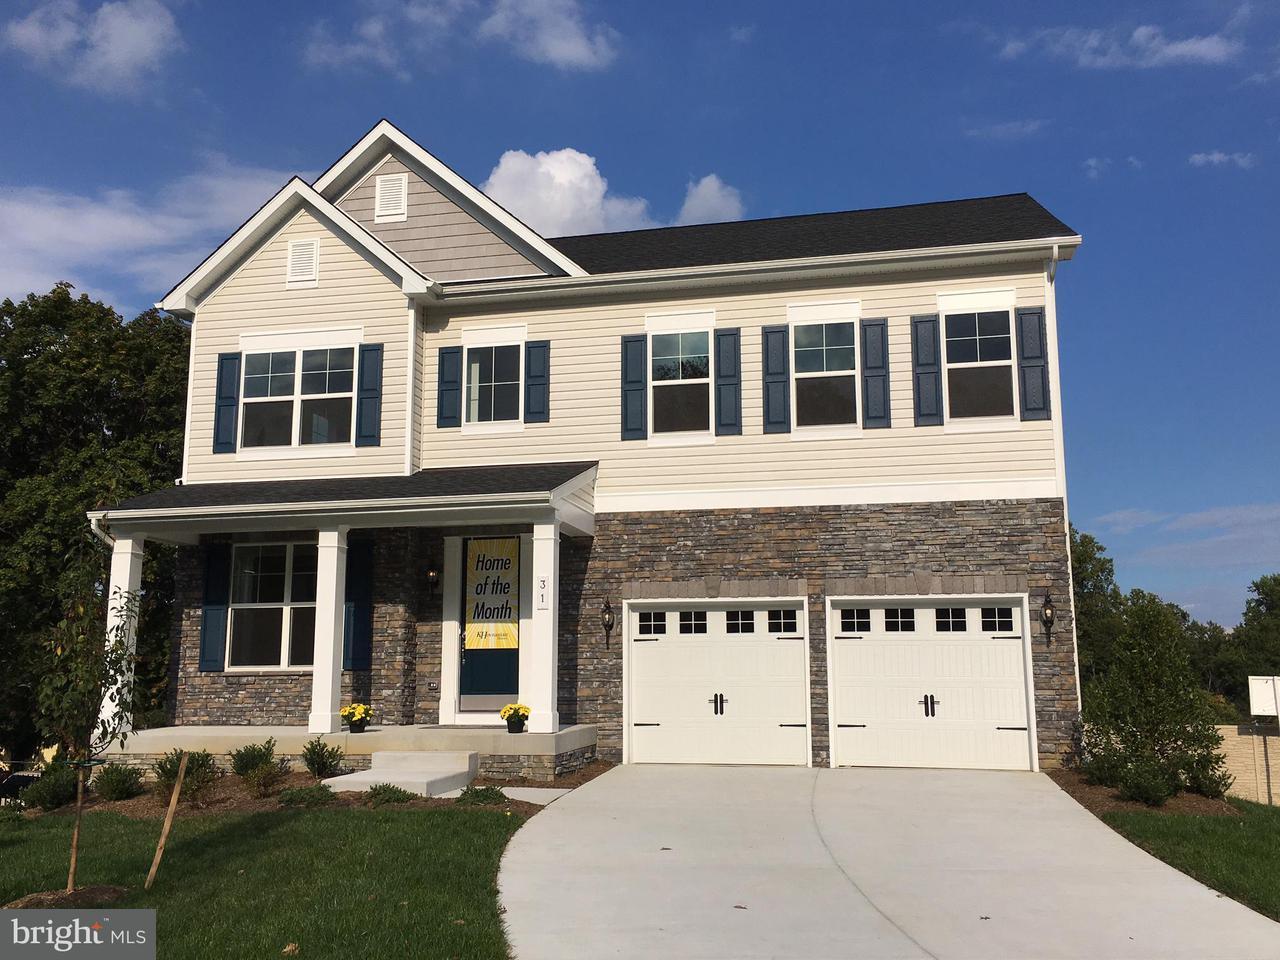 Maison unifamiliale pour l Vente à 31 EDEN TERRACE Lane 31 EDEN TERRACE Lane Catonsville, Maryland 21228 États-Unis